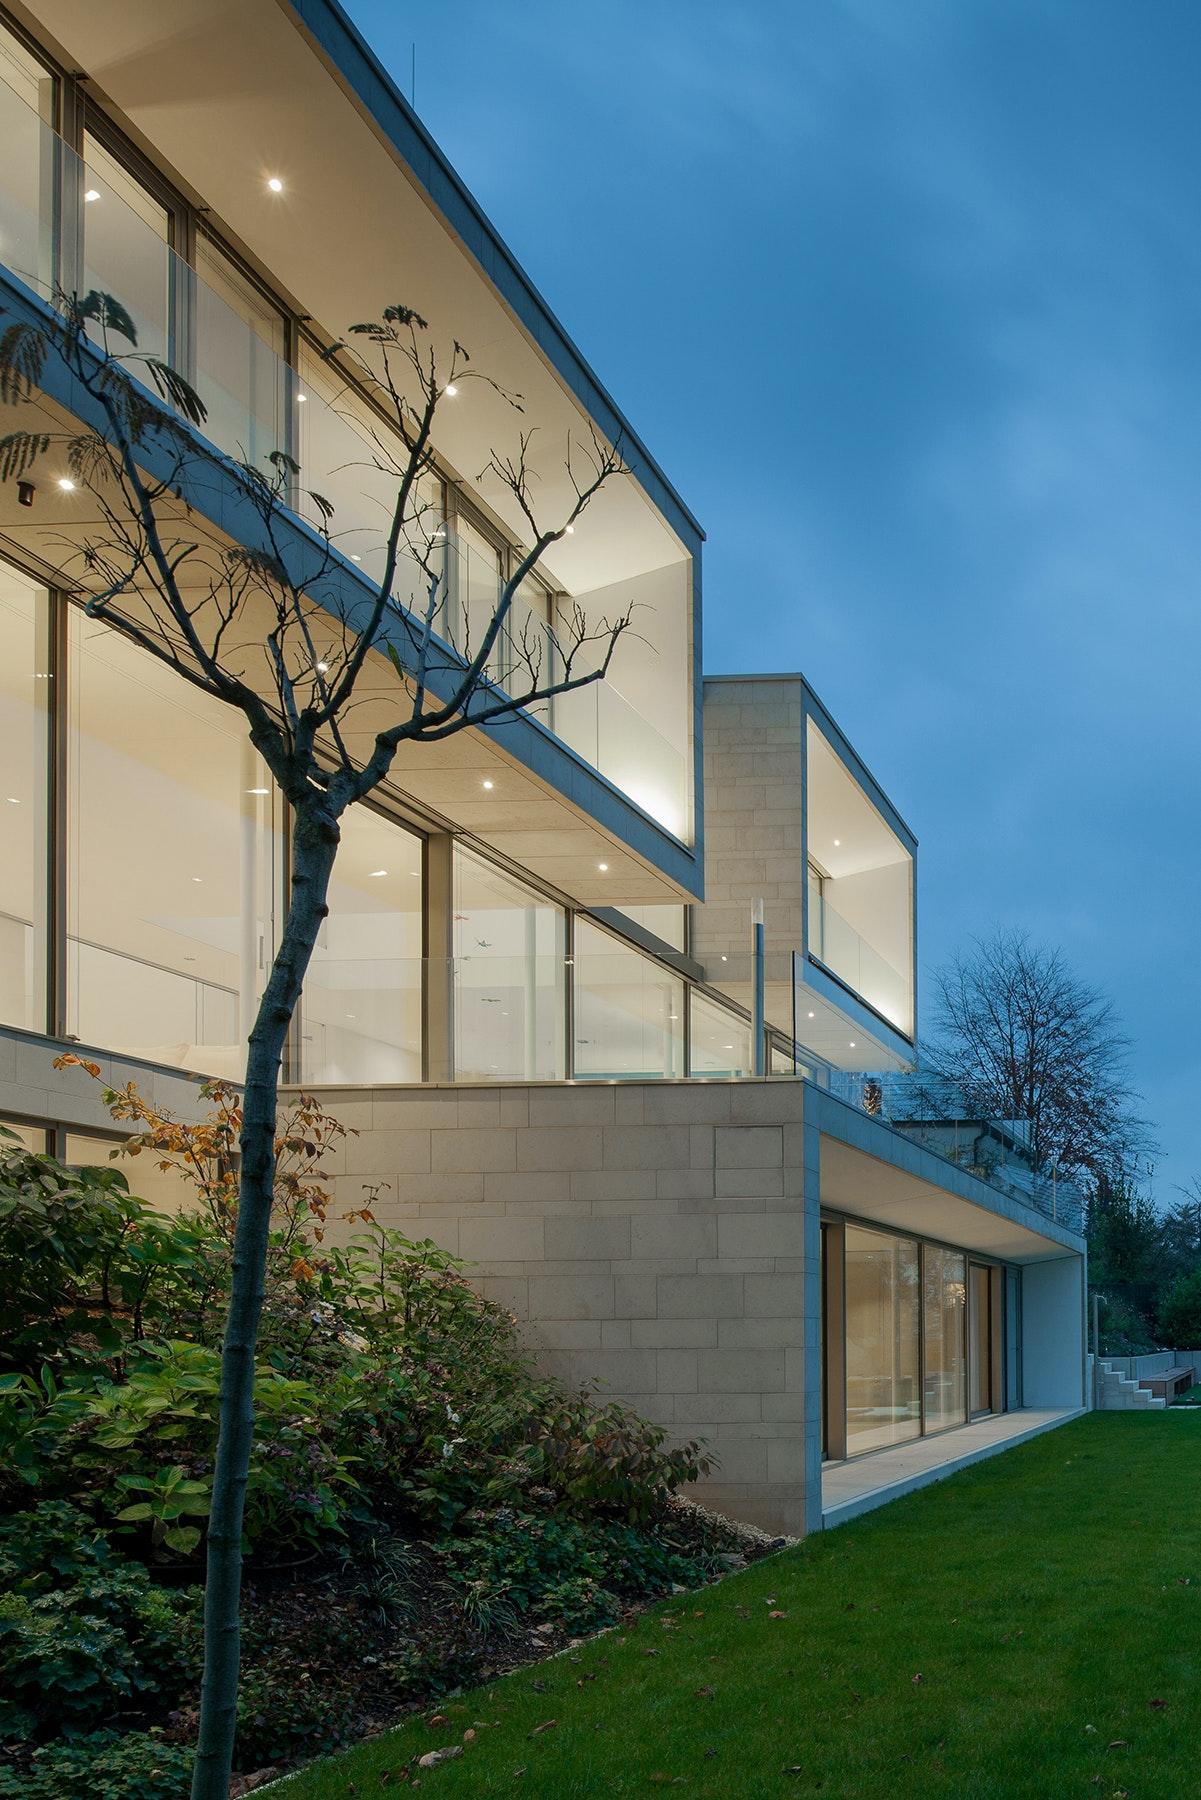 House P+G | Wannenmacher-Möller Architekten GmbH